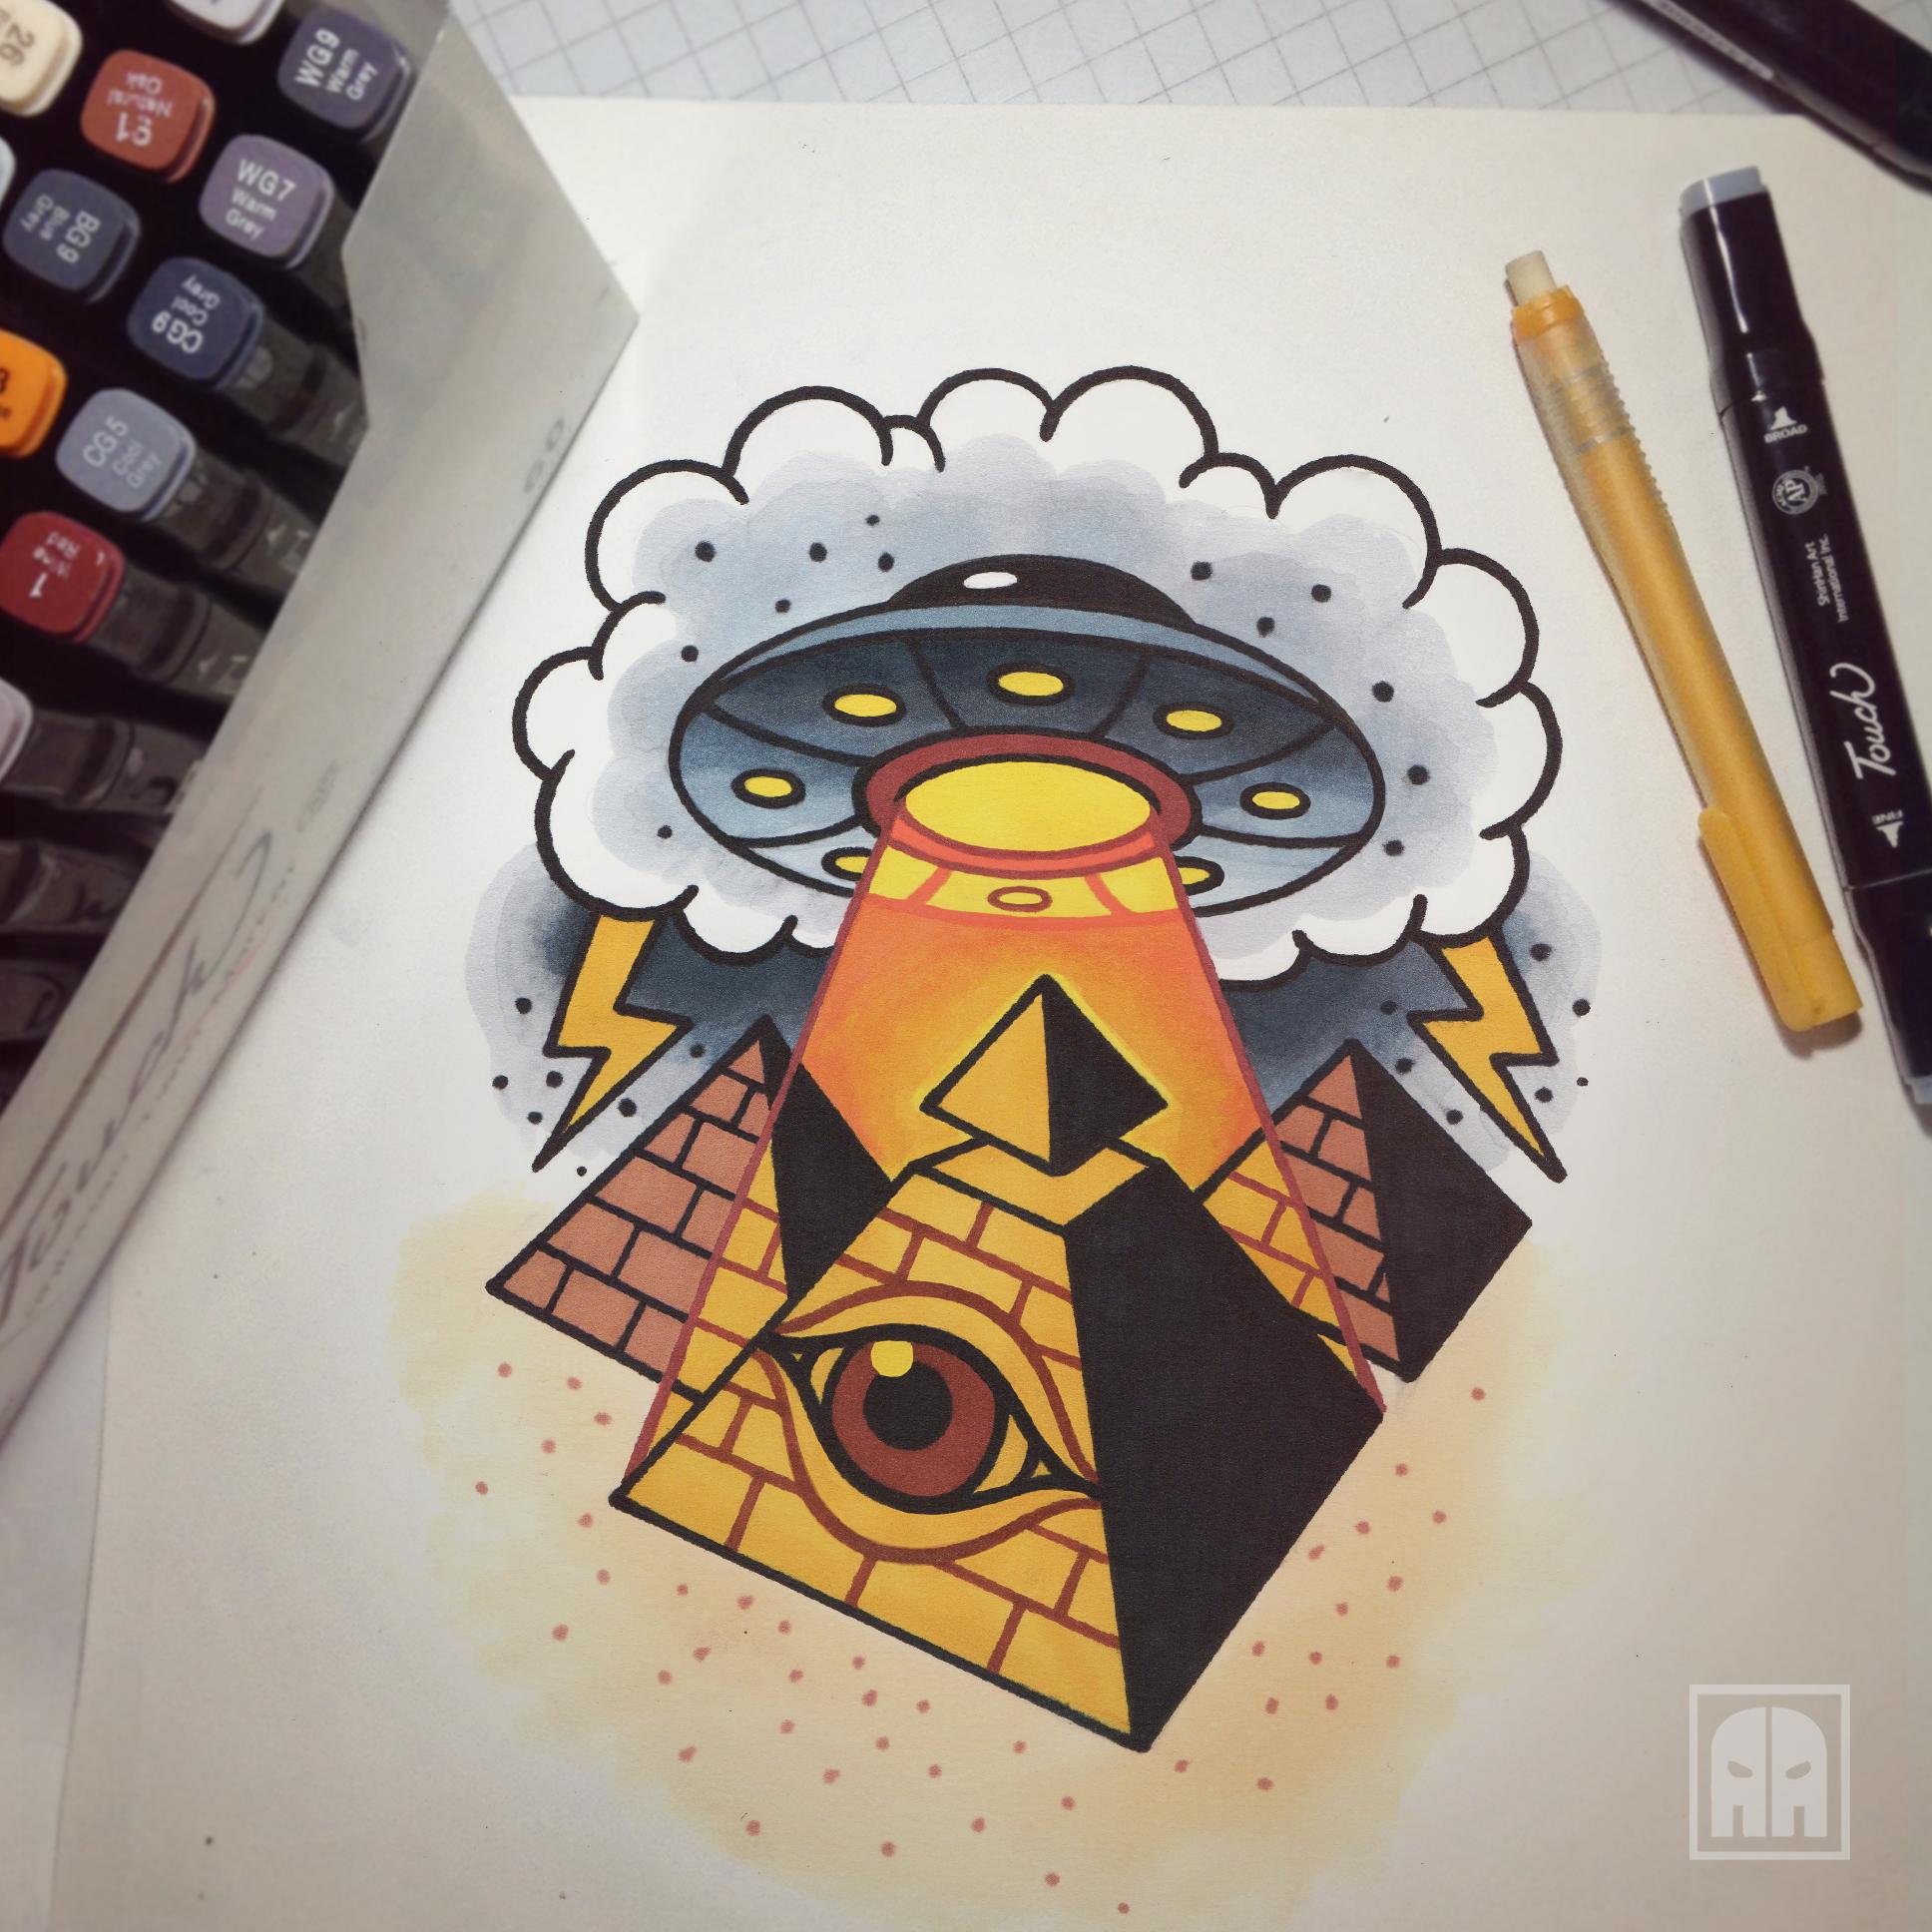 ufo #eye #pyramid #flash #tattoosketch #ageevtattoo #sketch ...